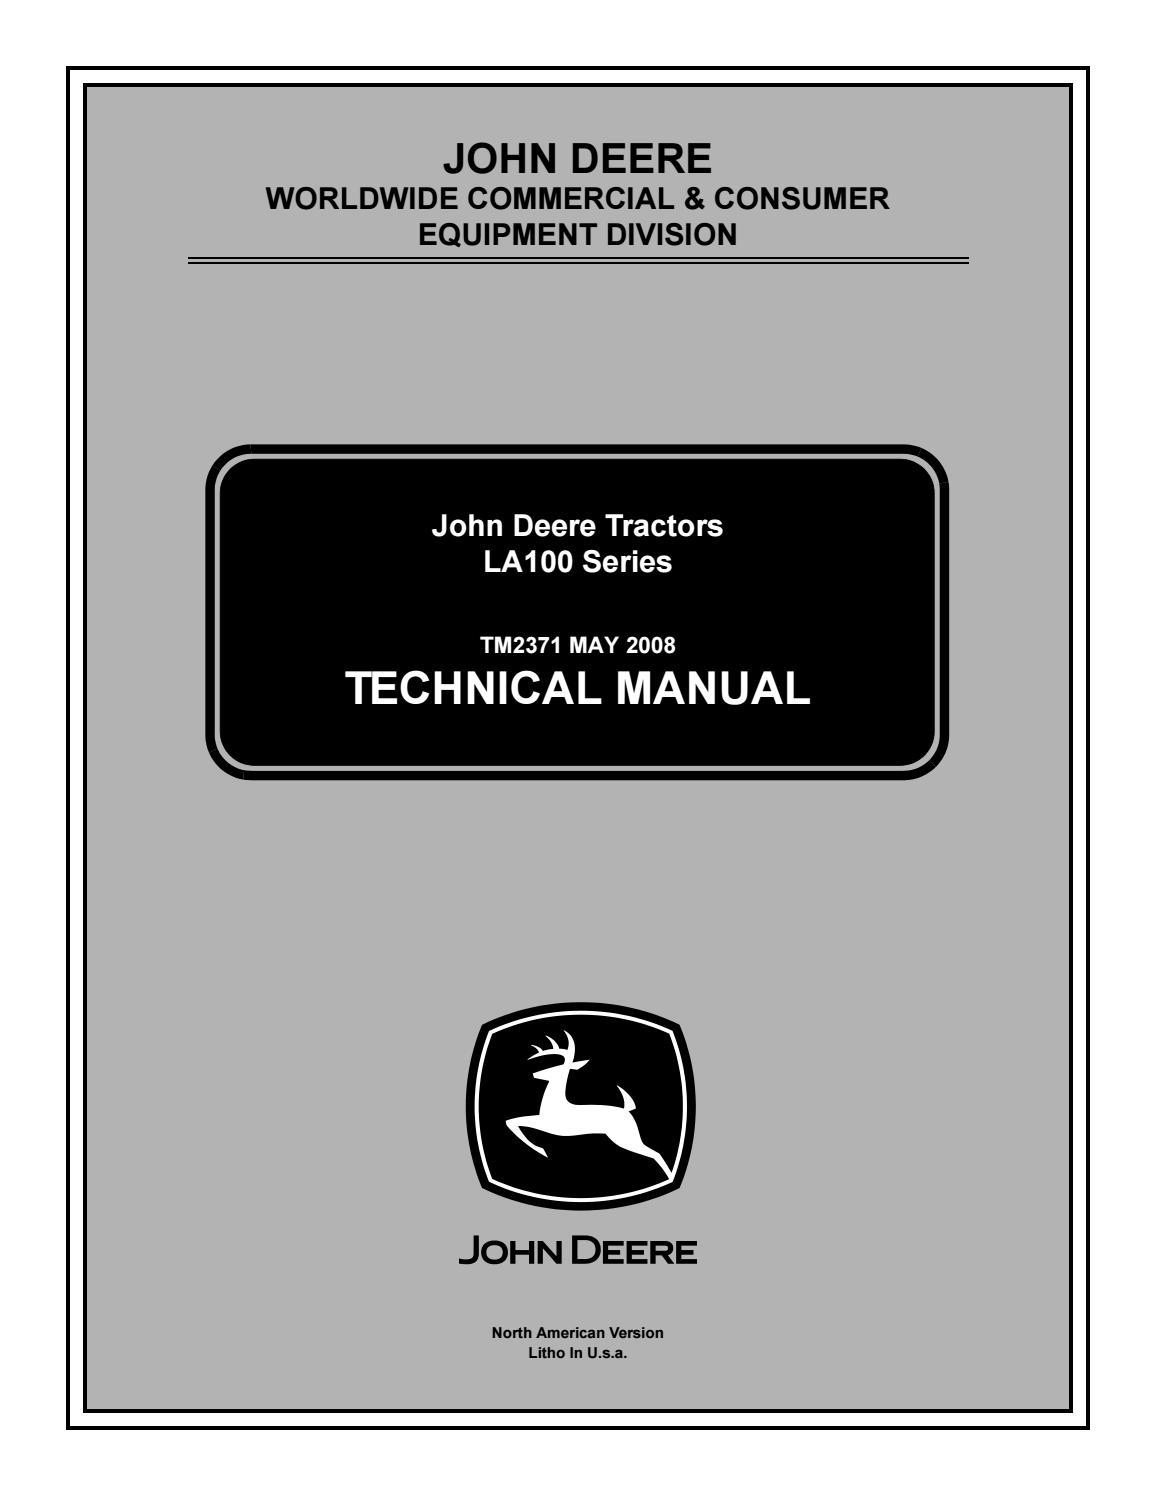 JOHN DEERE LA140 LAWN TRACTOR Service Repair Manual by